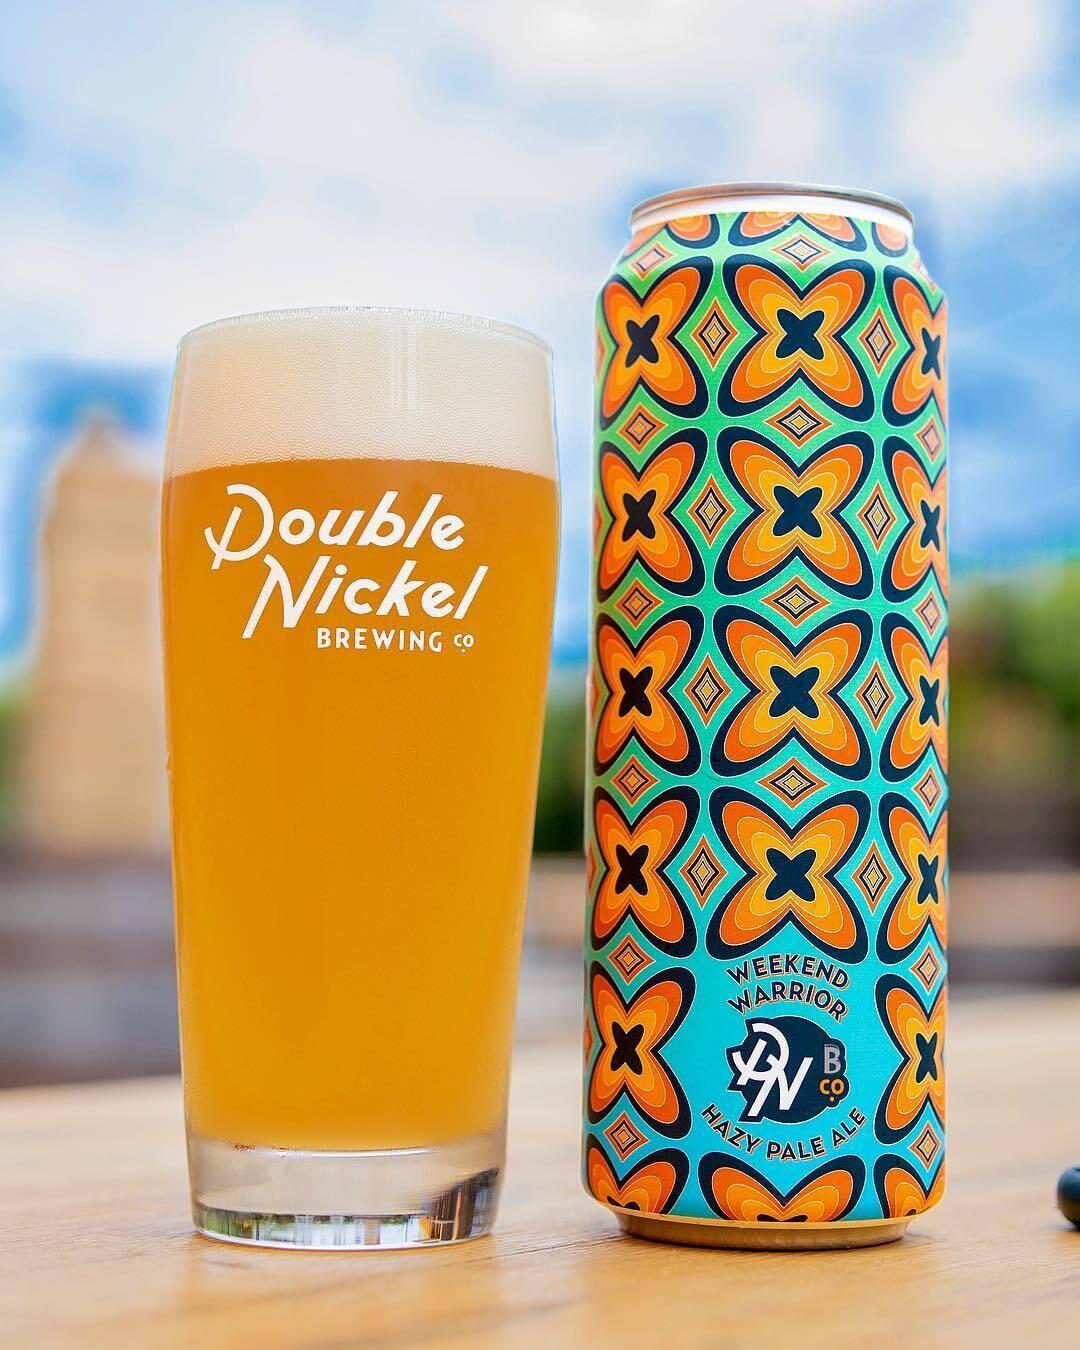 Double Nickel Brewing Weekend Warrior Hazy Pale Ale (4-PACK)